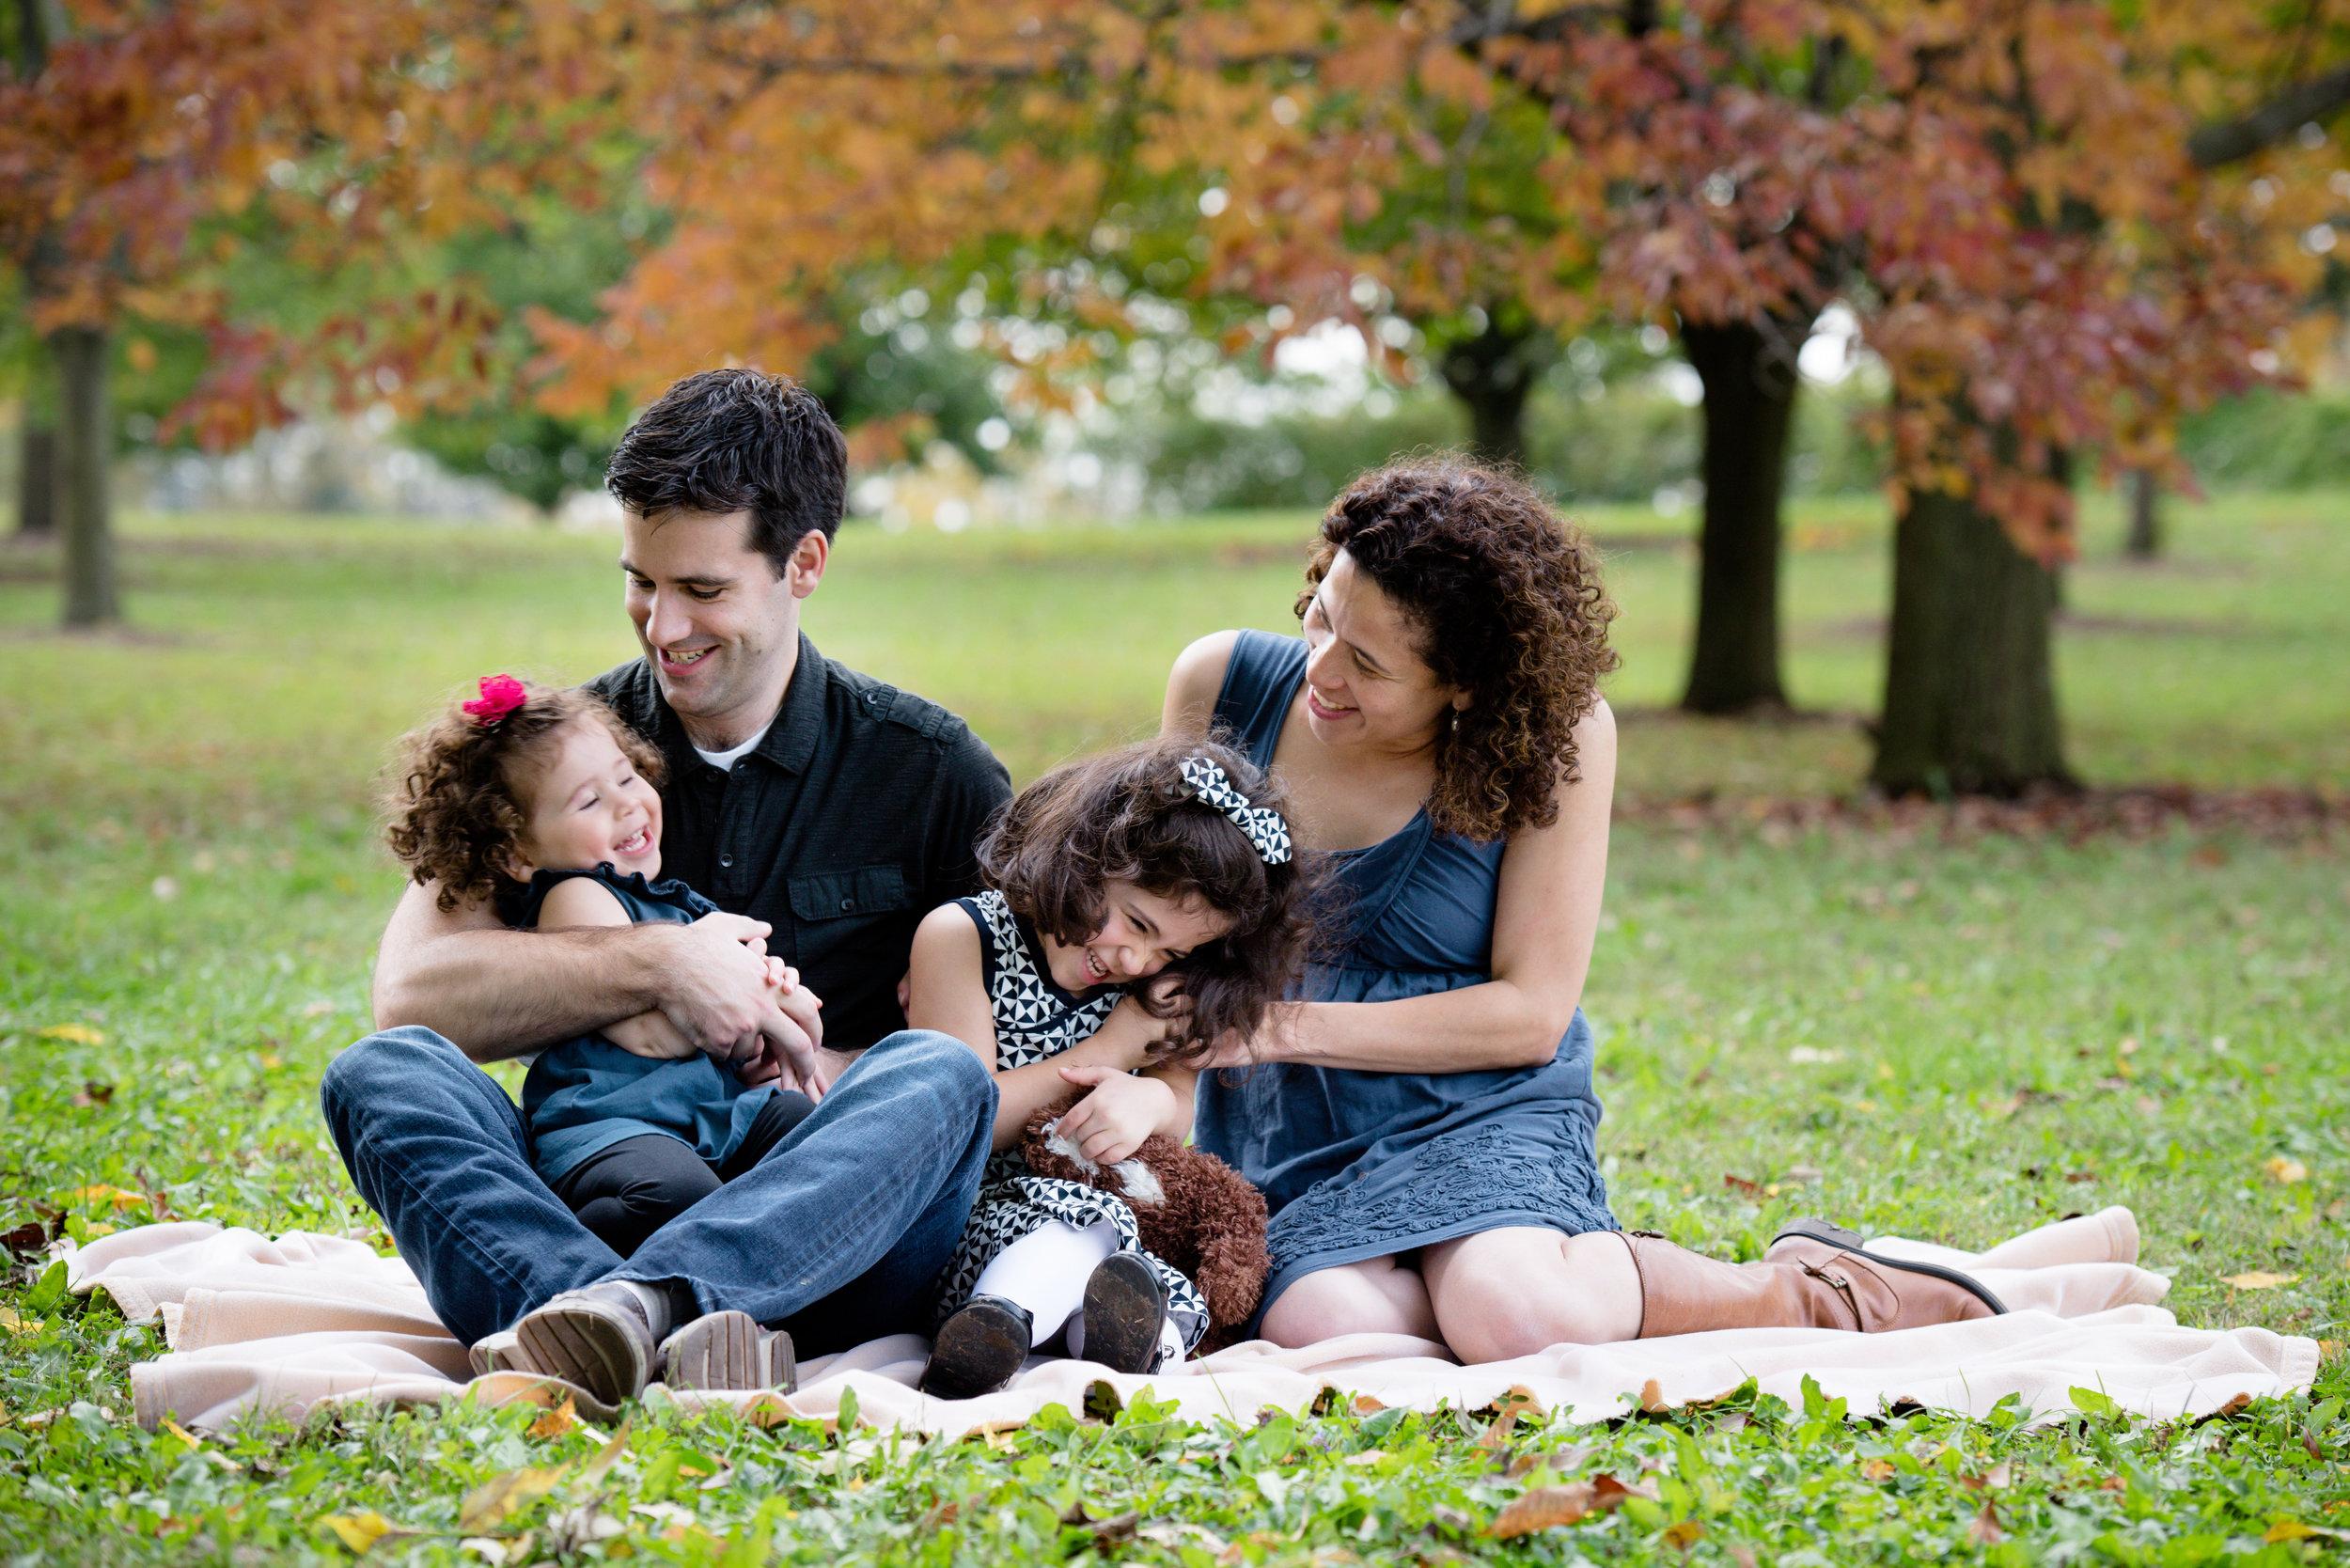 JuliaMatthewsPhotography_MadisonWisconsinFamilyPhotography_Families-8.jpg